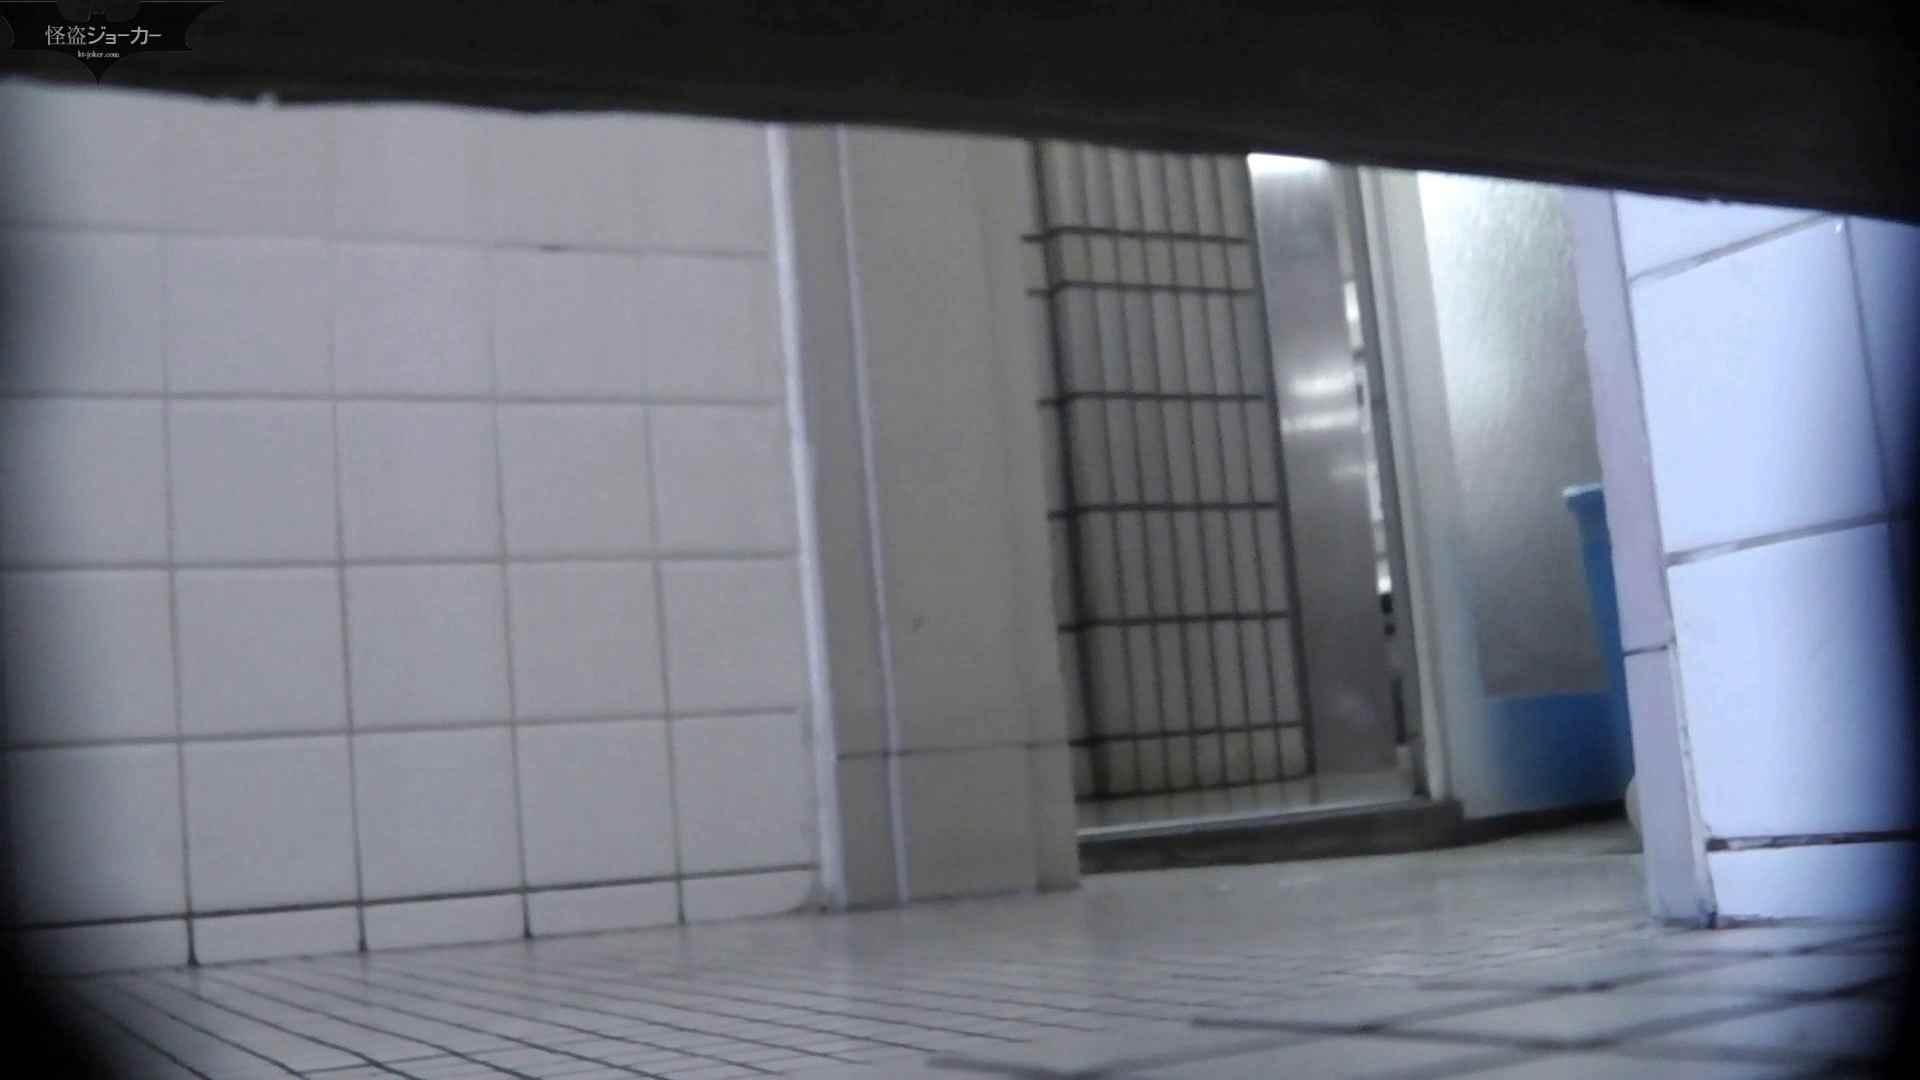 【美しき個室な世界】洗面所特攻隊 vol.051 洗面所  49pic 40